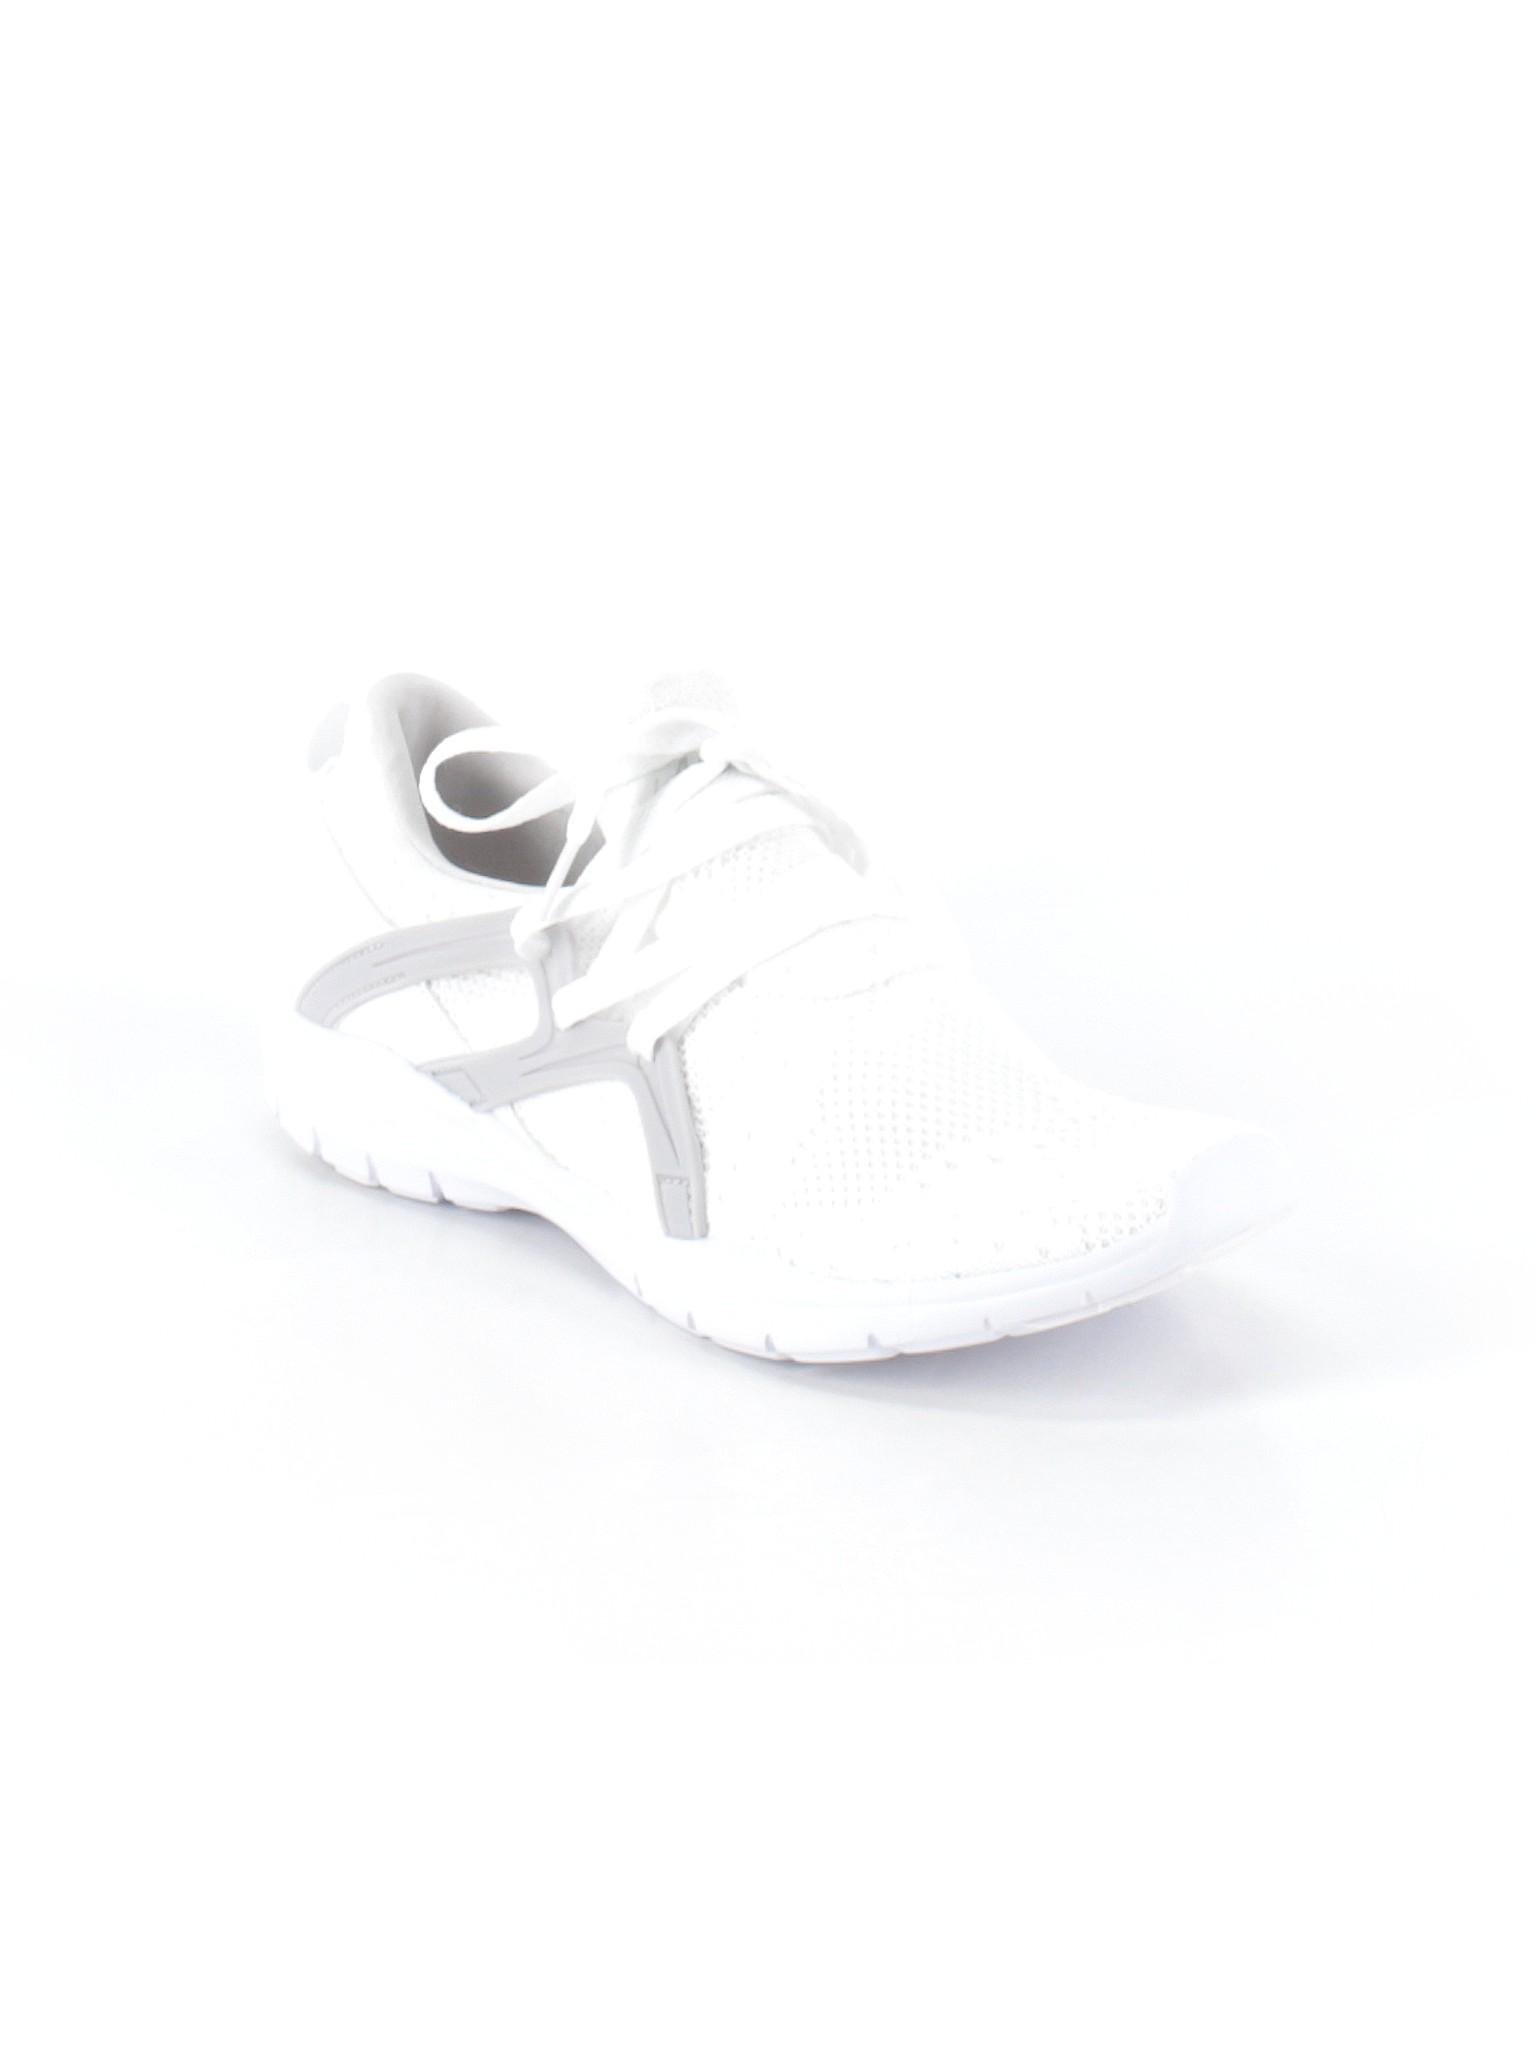 Boutique Sneakers Boutique promotion Gear LA promotion HH8rq1